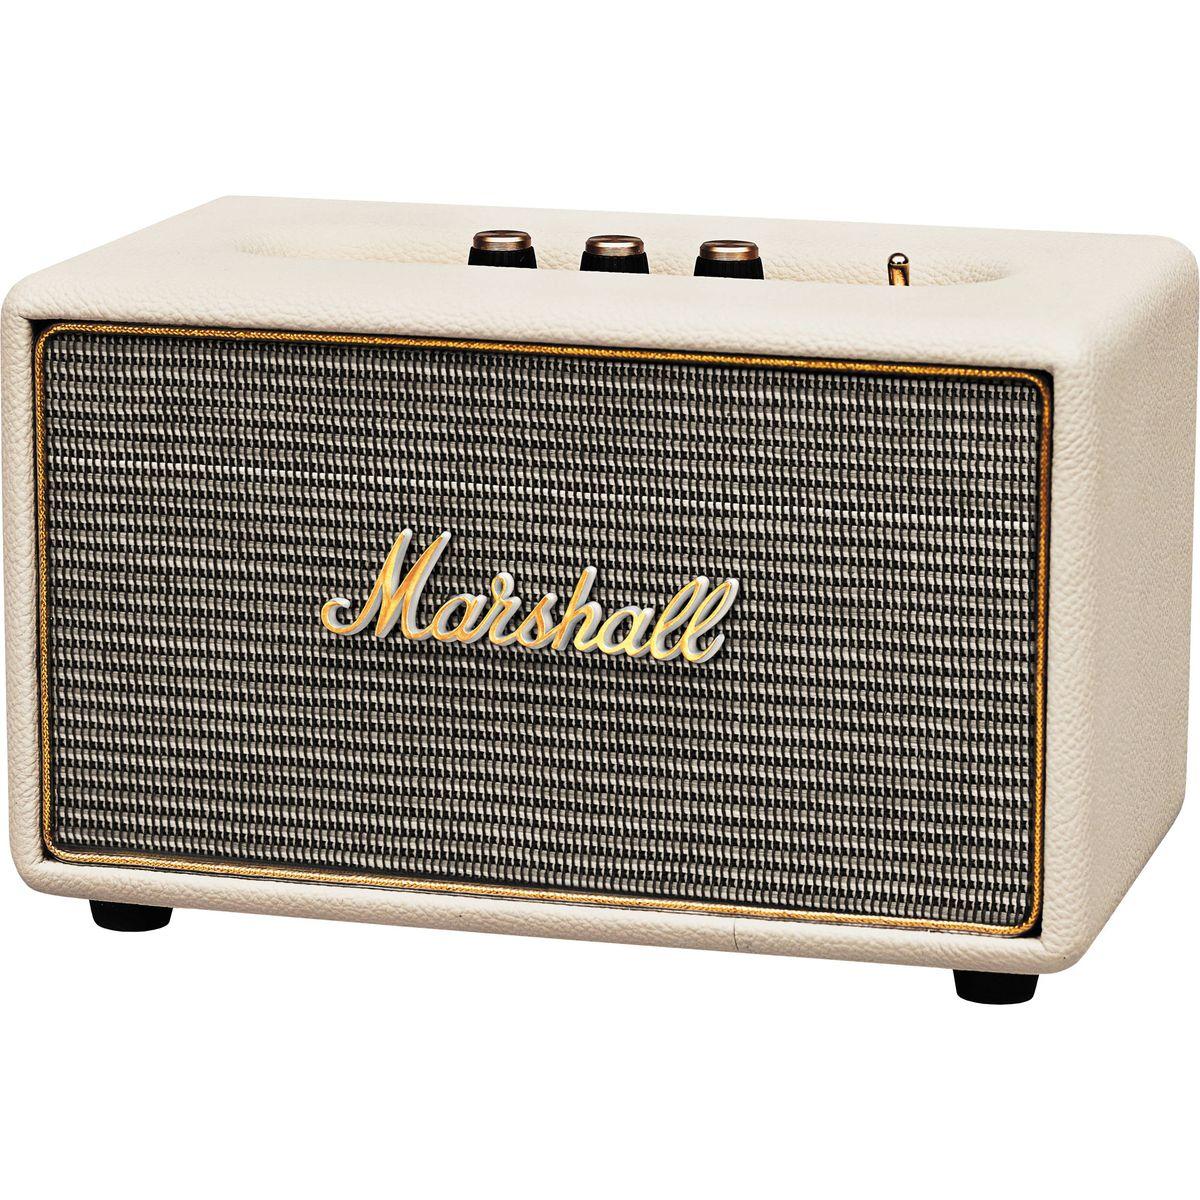 Marshall Acton, Cream акустическая система7340055309875Marshall Acton - самая компактная акустическая система из линейки производителя, выполненная в стиле легендарных гитарных усилителей. Колонка совместима с большинством аудиоустройств, а малые размеры позволяют слушать музыку в любом месте. Для подключения источника можно воспользоваться стандартным 3,5-мм разъемом или установить Bluetooth-соединение. Акустика Marshall Acton оформлена в классическом ретро-стиле, с прочным виниловым покрытием и золотой окантовкой. Все основные органы управления вынесены на верхнюю панель, что делает колонку удобной в эксплуатации, а 4 низкочастотный динамик и два 3/4 твиттера обеспечивают мощный детализированный звук. Marshall Acton - прекрасный выбор для всех любителей качественного звука в сочетании со стильным дизайном. Частота кроссовера: 4200 Гц